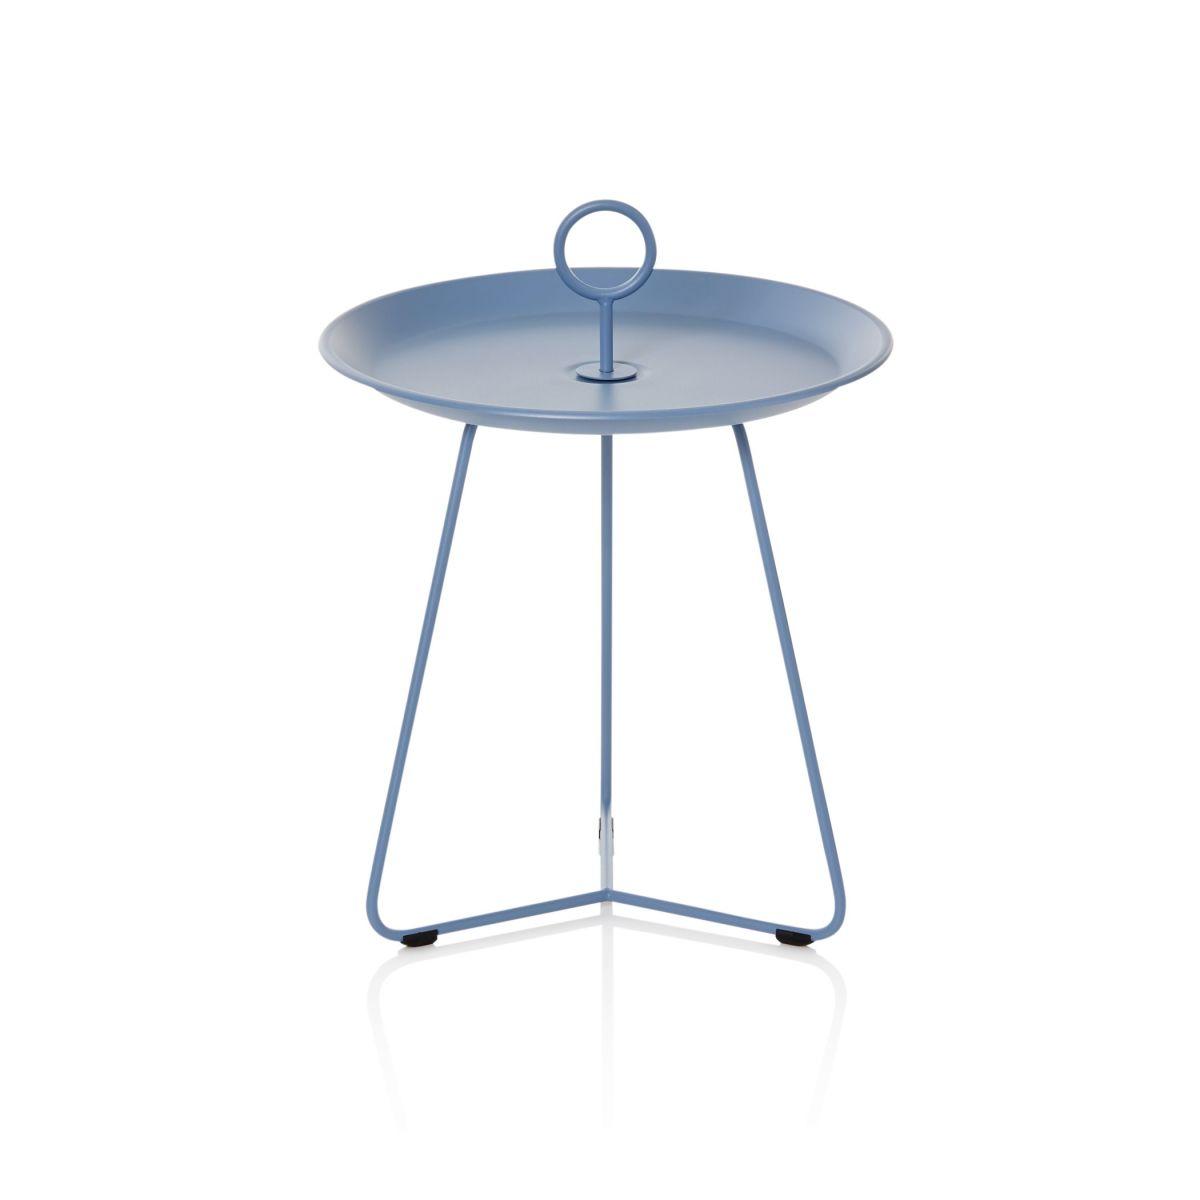 beistelltisch outdoorgeeignet modern pulverbeschichteter stahl g nstig schnell einkaufen. Black Bedroom Furniture Sets. Home Design Ideas